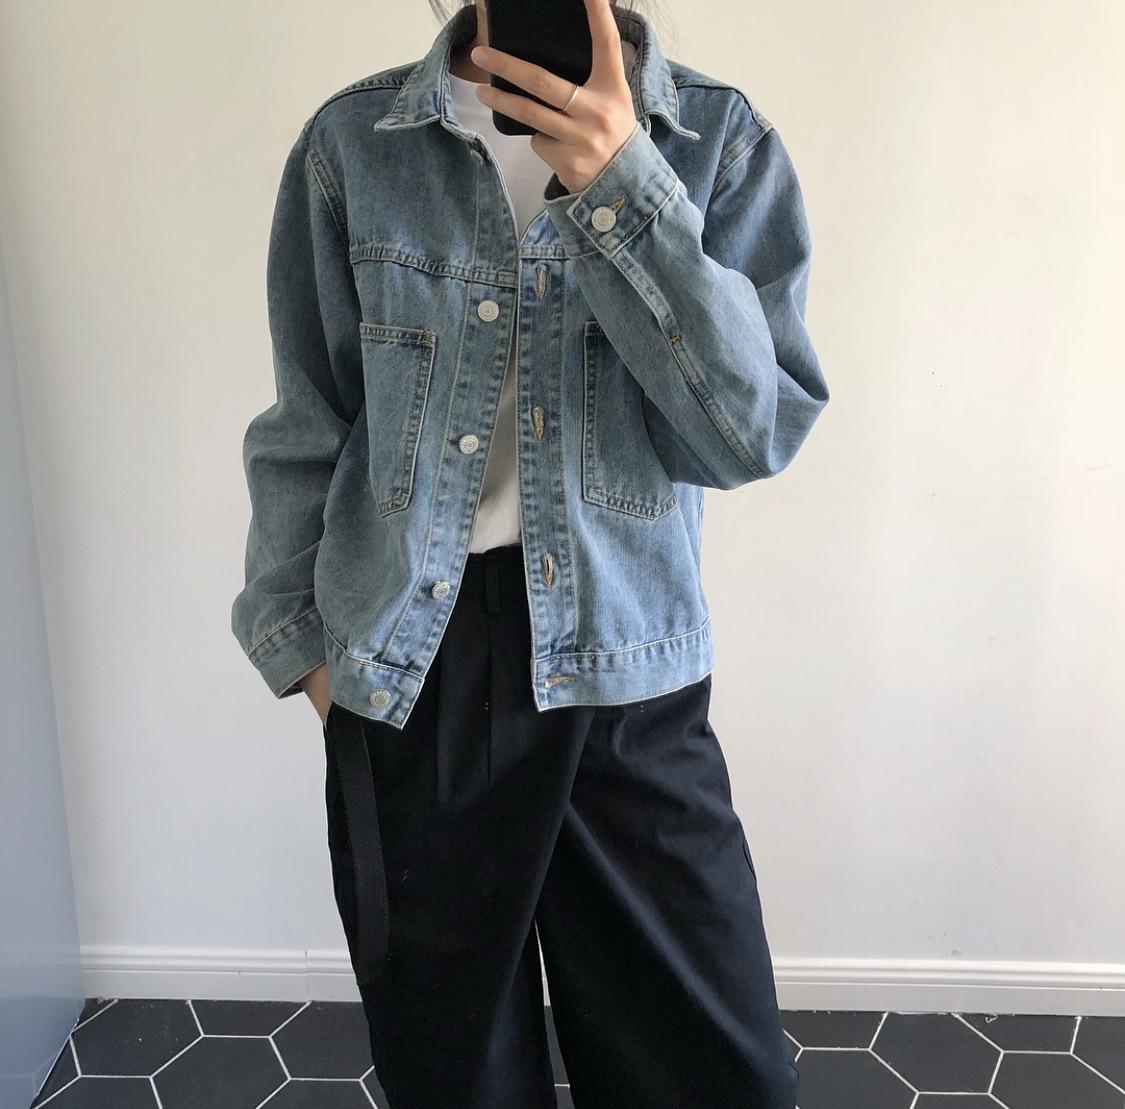 Áo khoác jean kiểu denim phong cách dành cho Nữ .